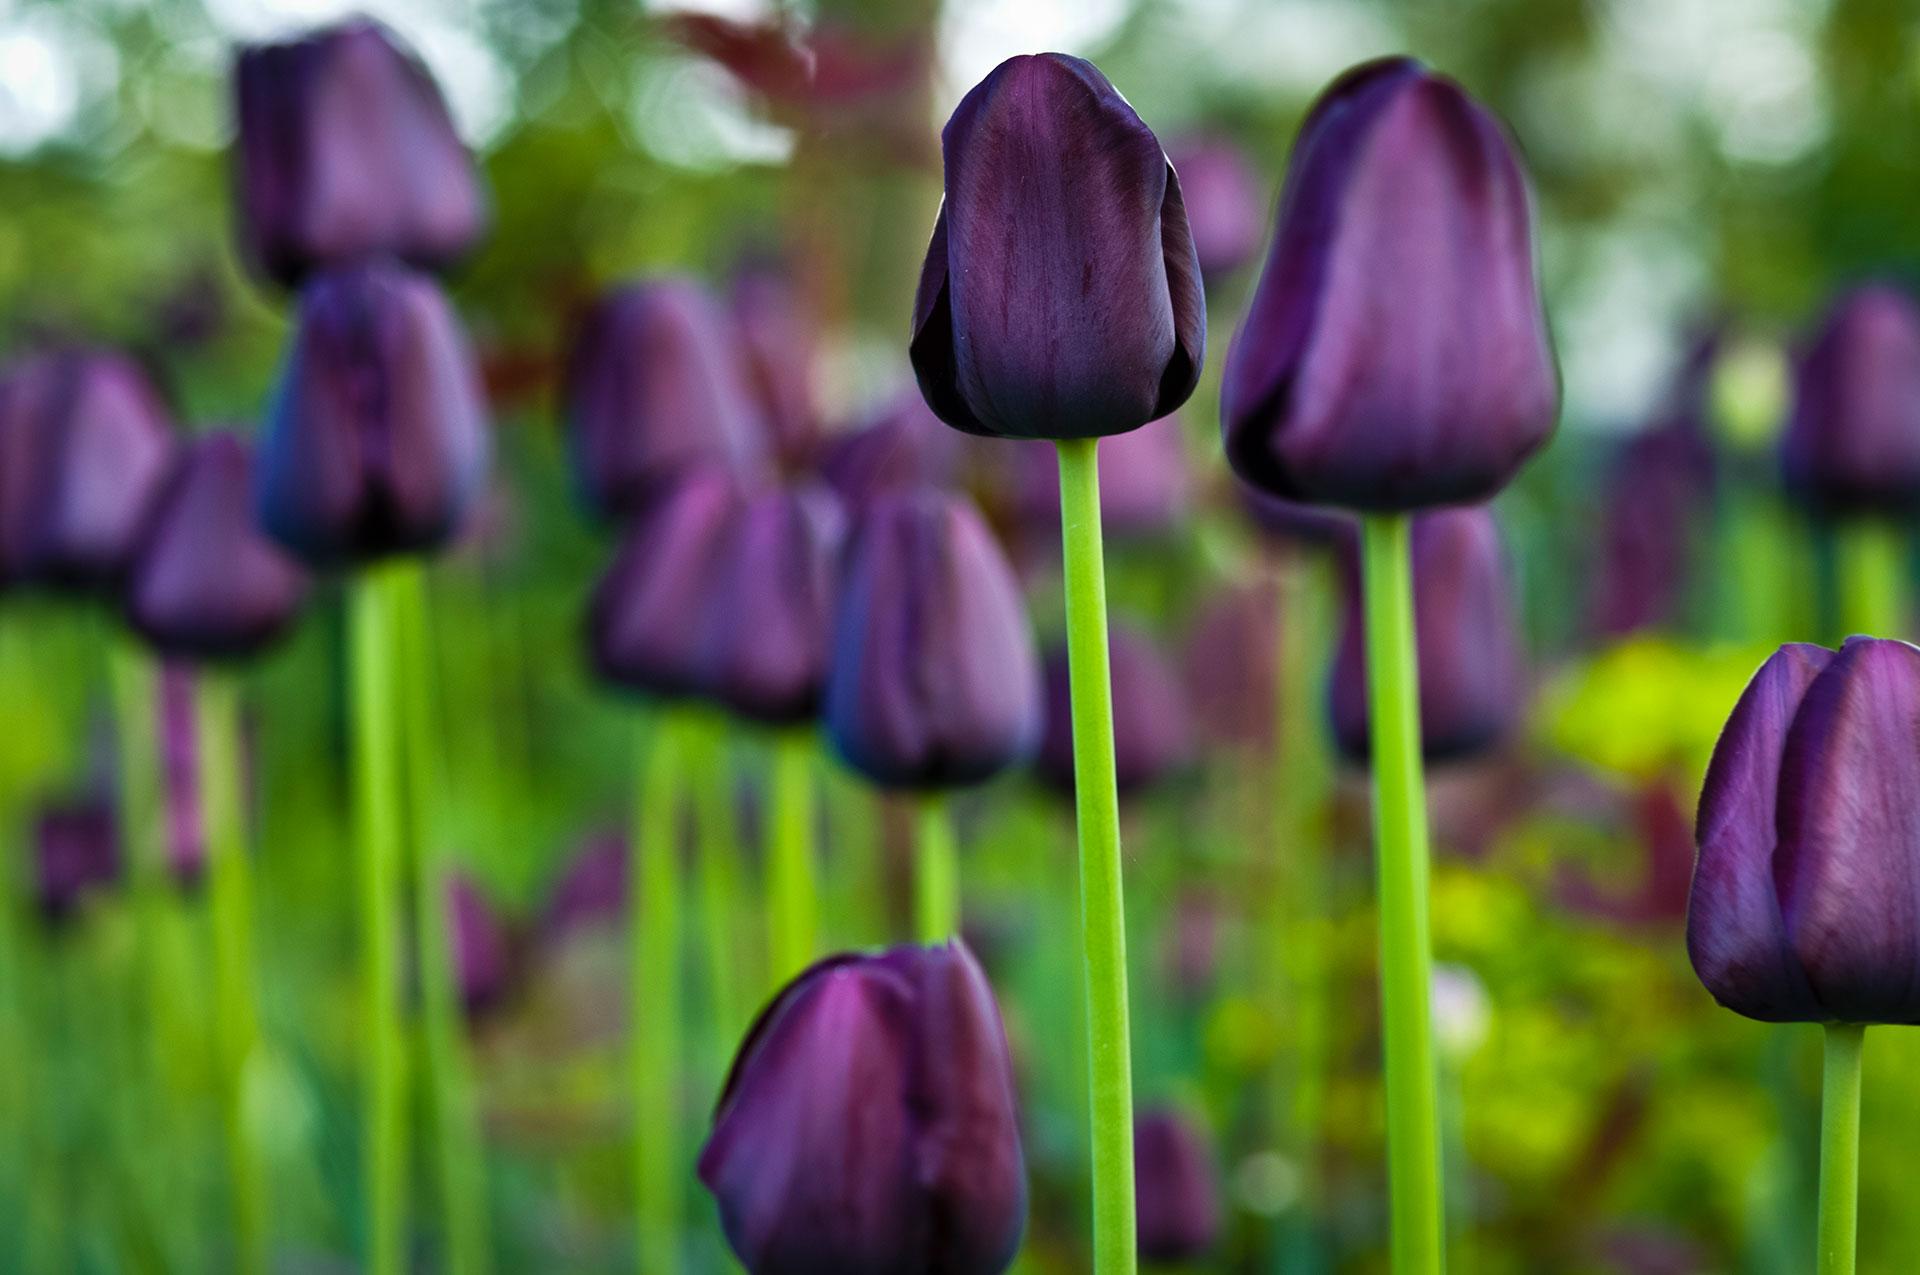 Das Tulpenfeld der Gattung Queen Of Night im Garten mit ihrer Violetten Farbe beeindruckt sehr